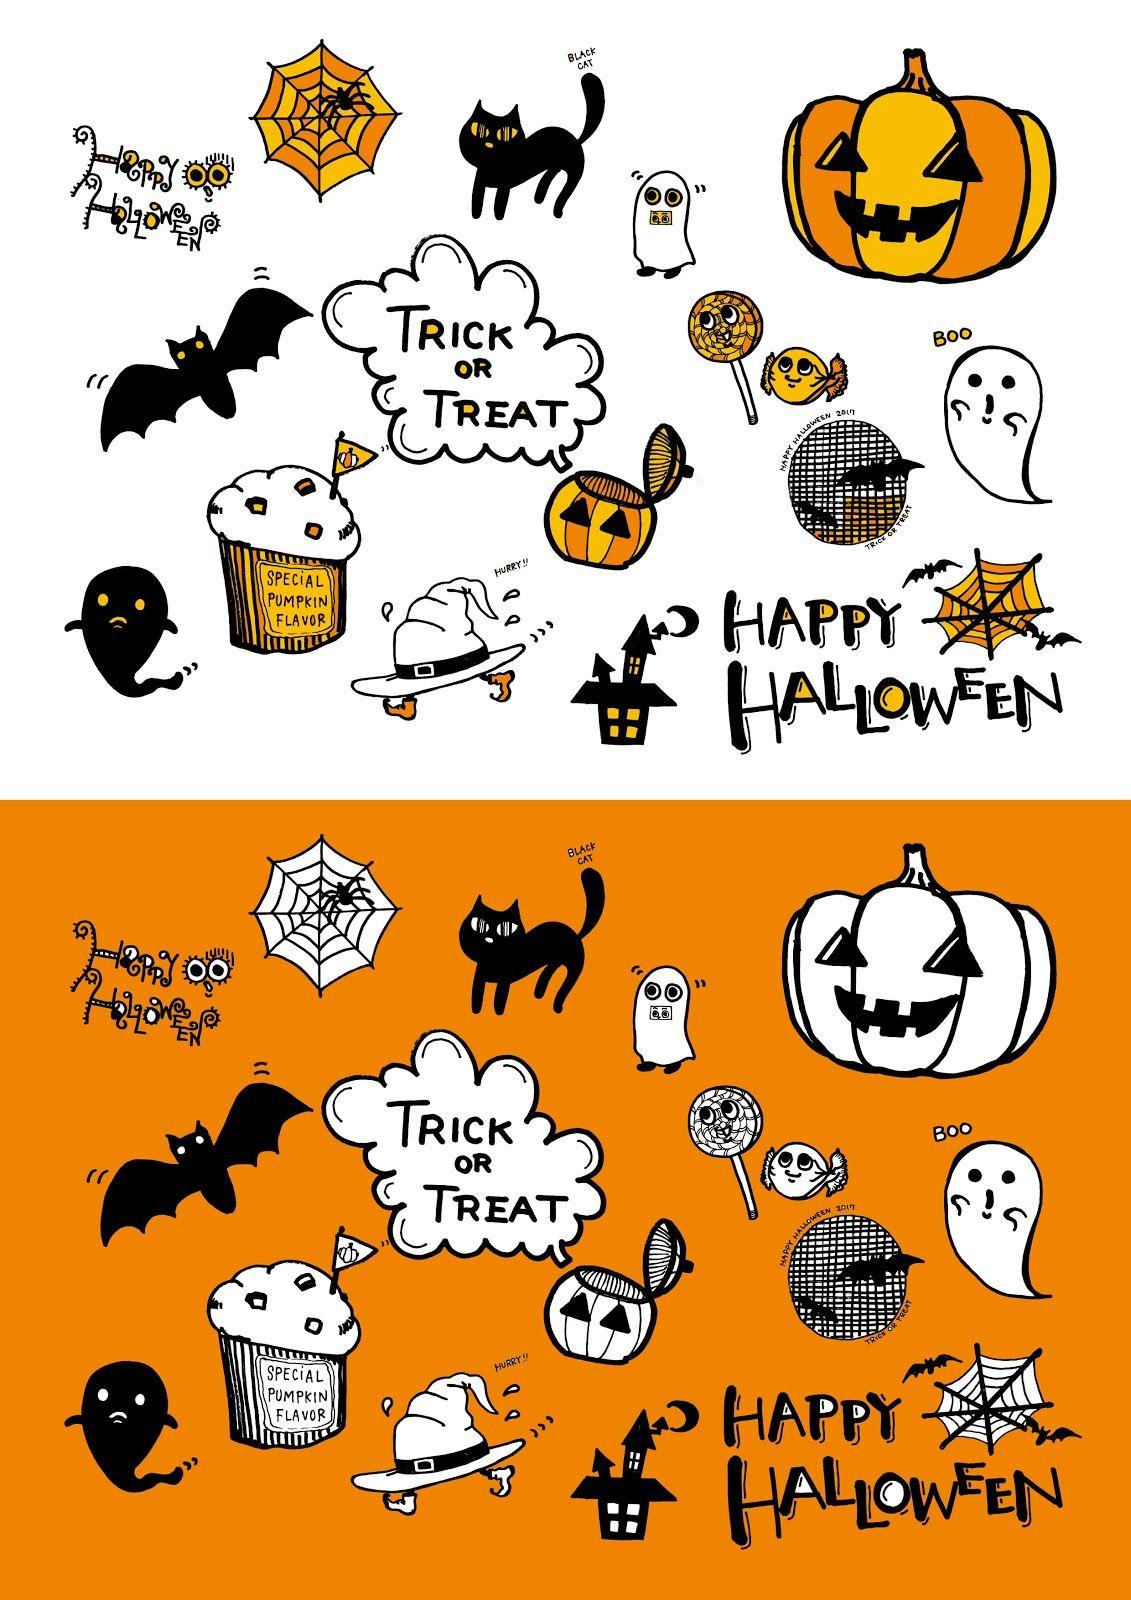 Halloween Illustration Hand Drawn かわいいハロウィンおしゃれな